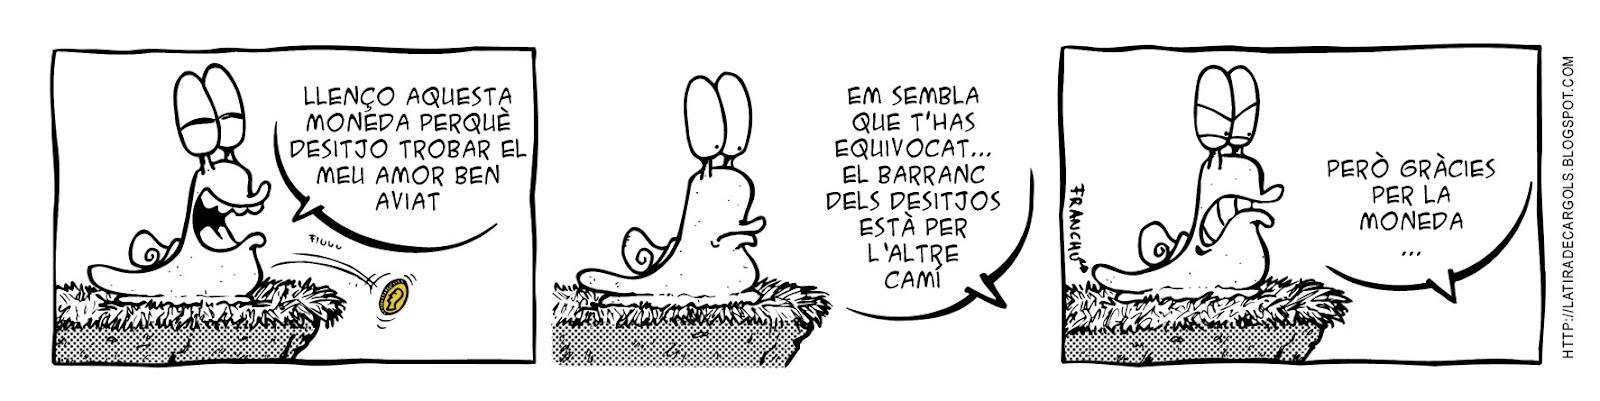 Tira comica 123 del webcomic Cargols del dibuixant Franchu